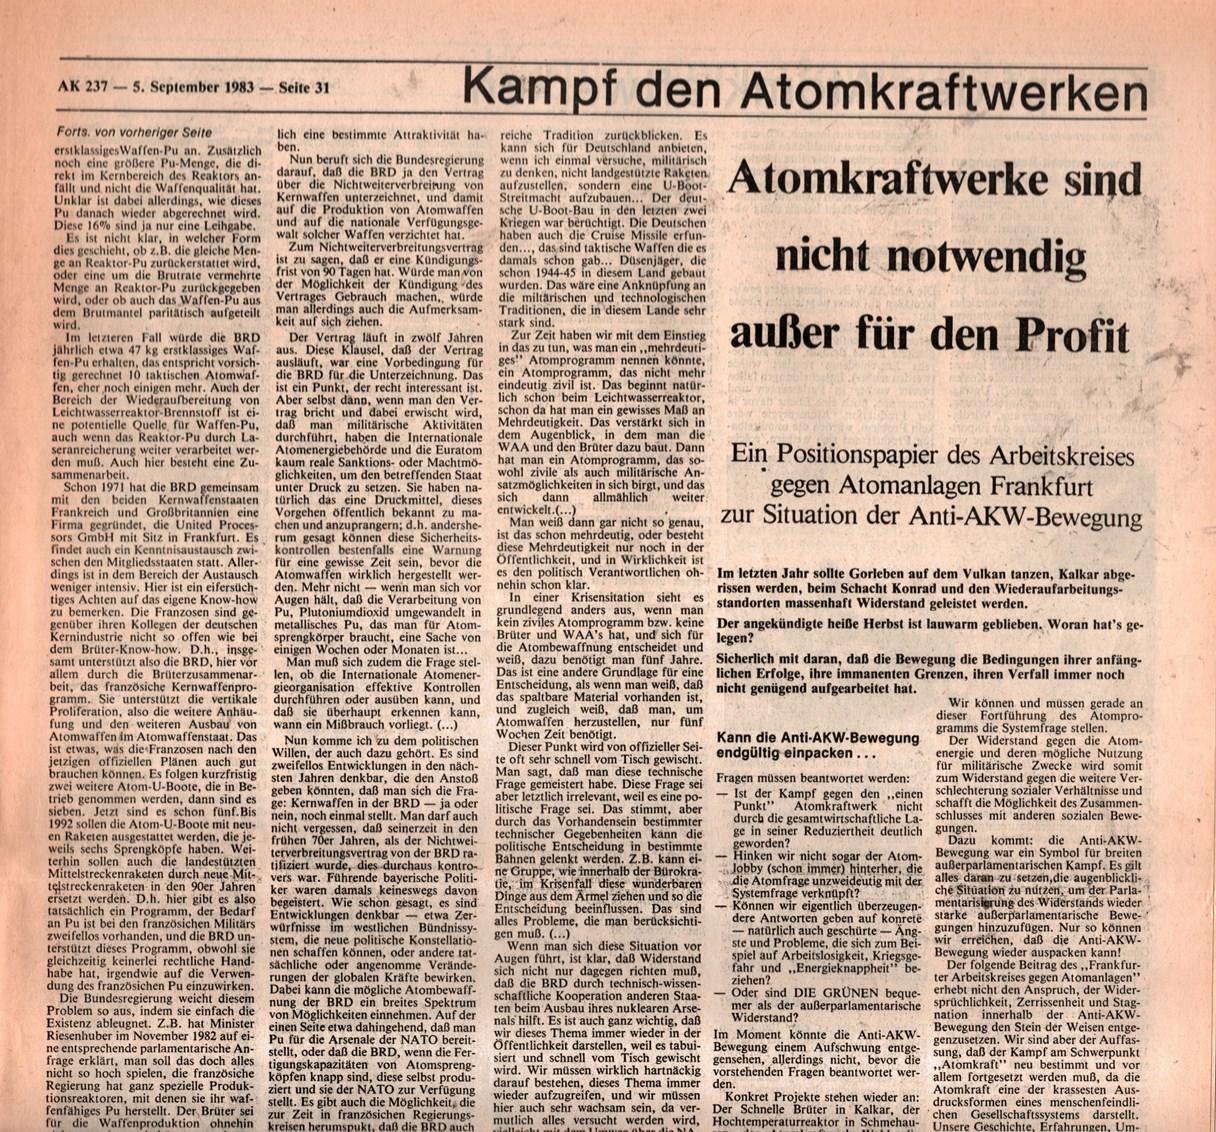 KB_AK_1983_237_061